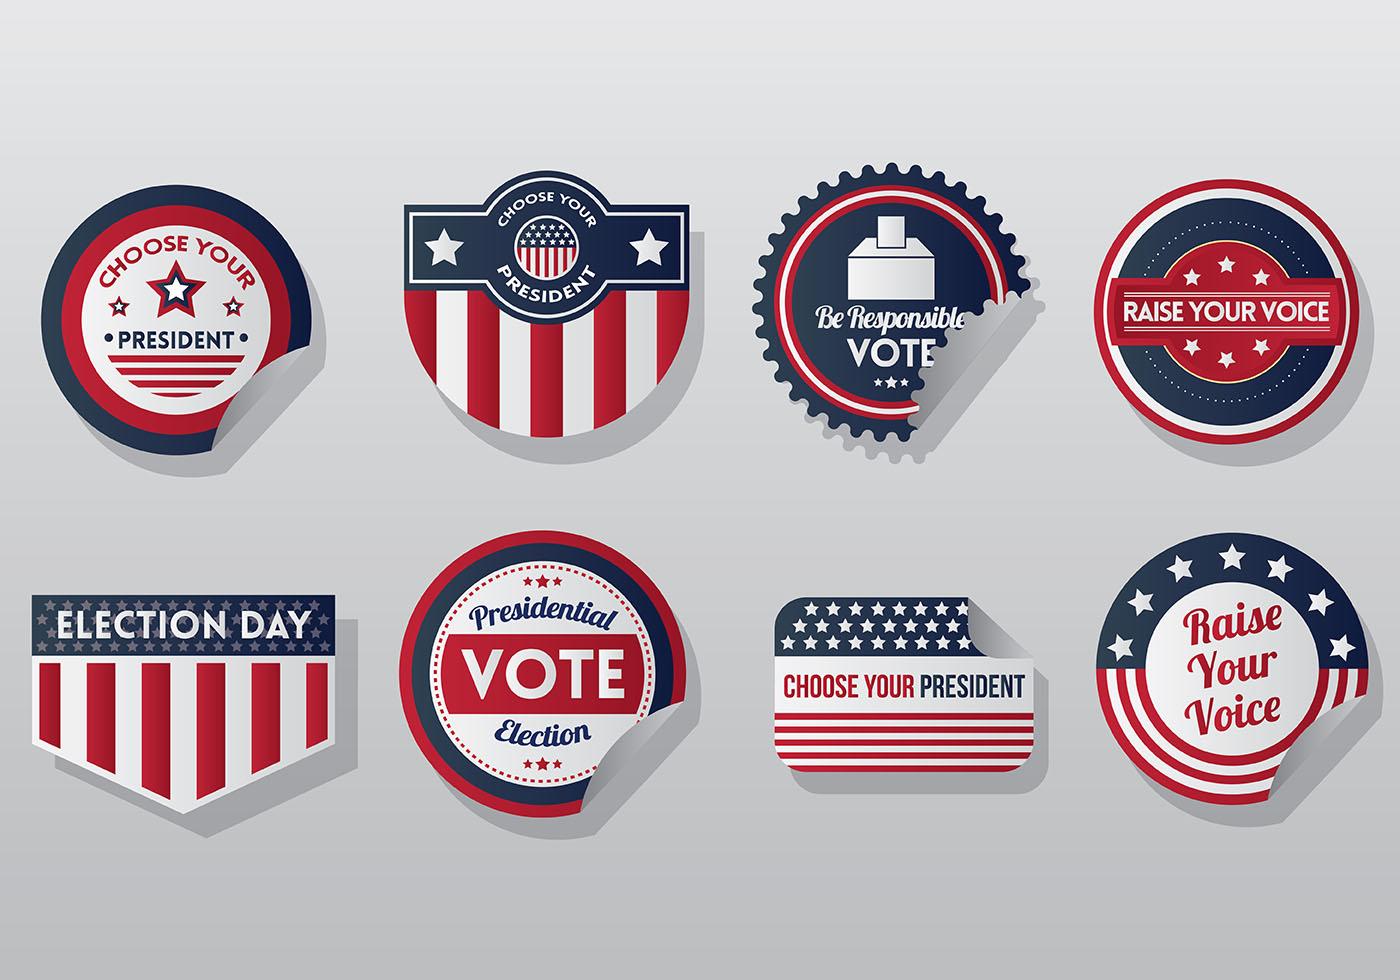 élection présidentielle